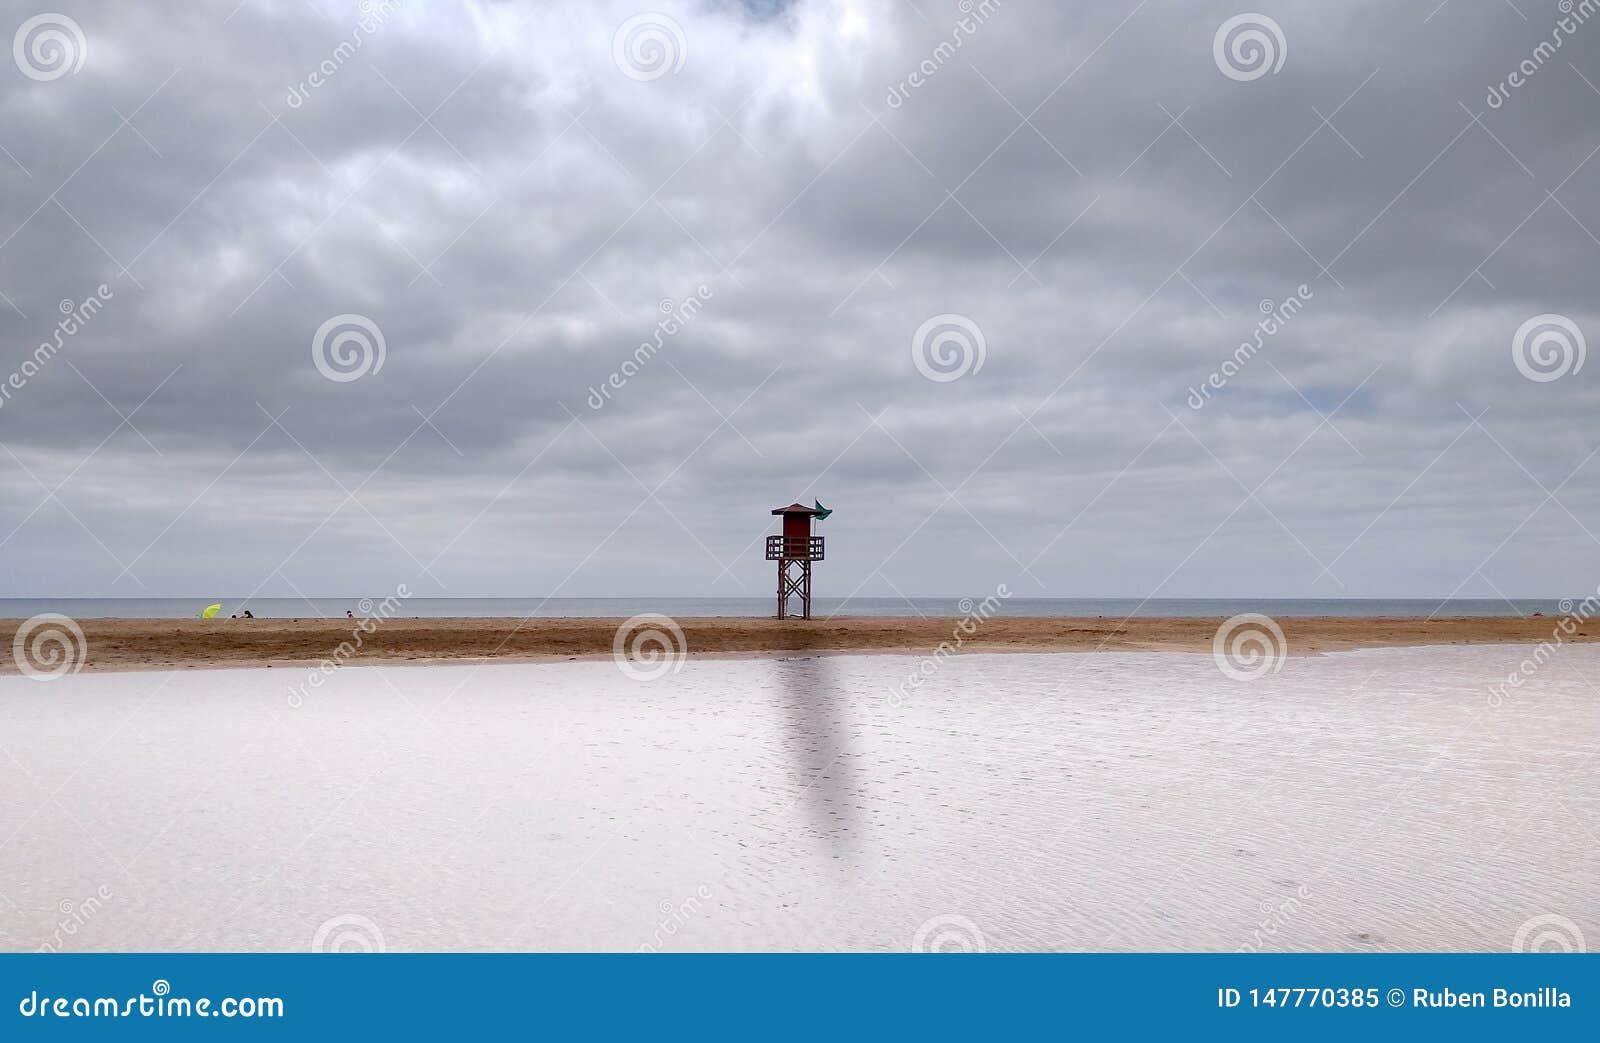 τοπίο μιας παραλίας με το νεφελώδη ουρανό και ενός ψηλού σταθμού lifeguard με την πράσινη σημαία στη μέση Καταρχάς το θαλάσσιο νε